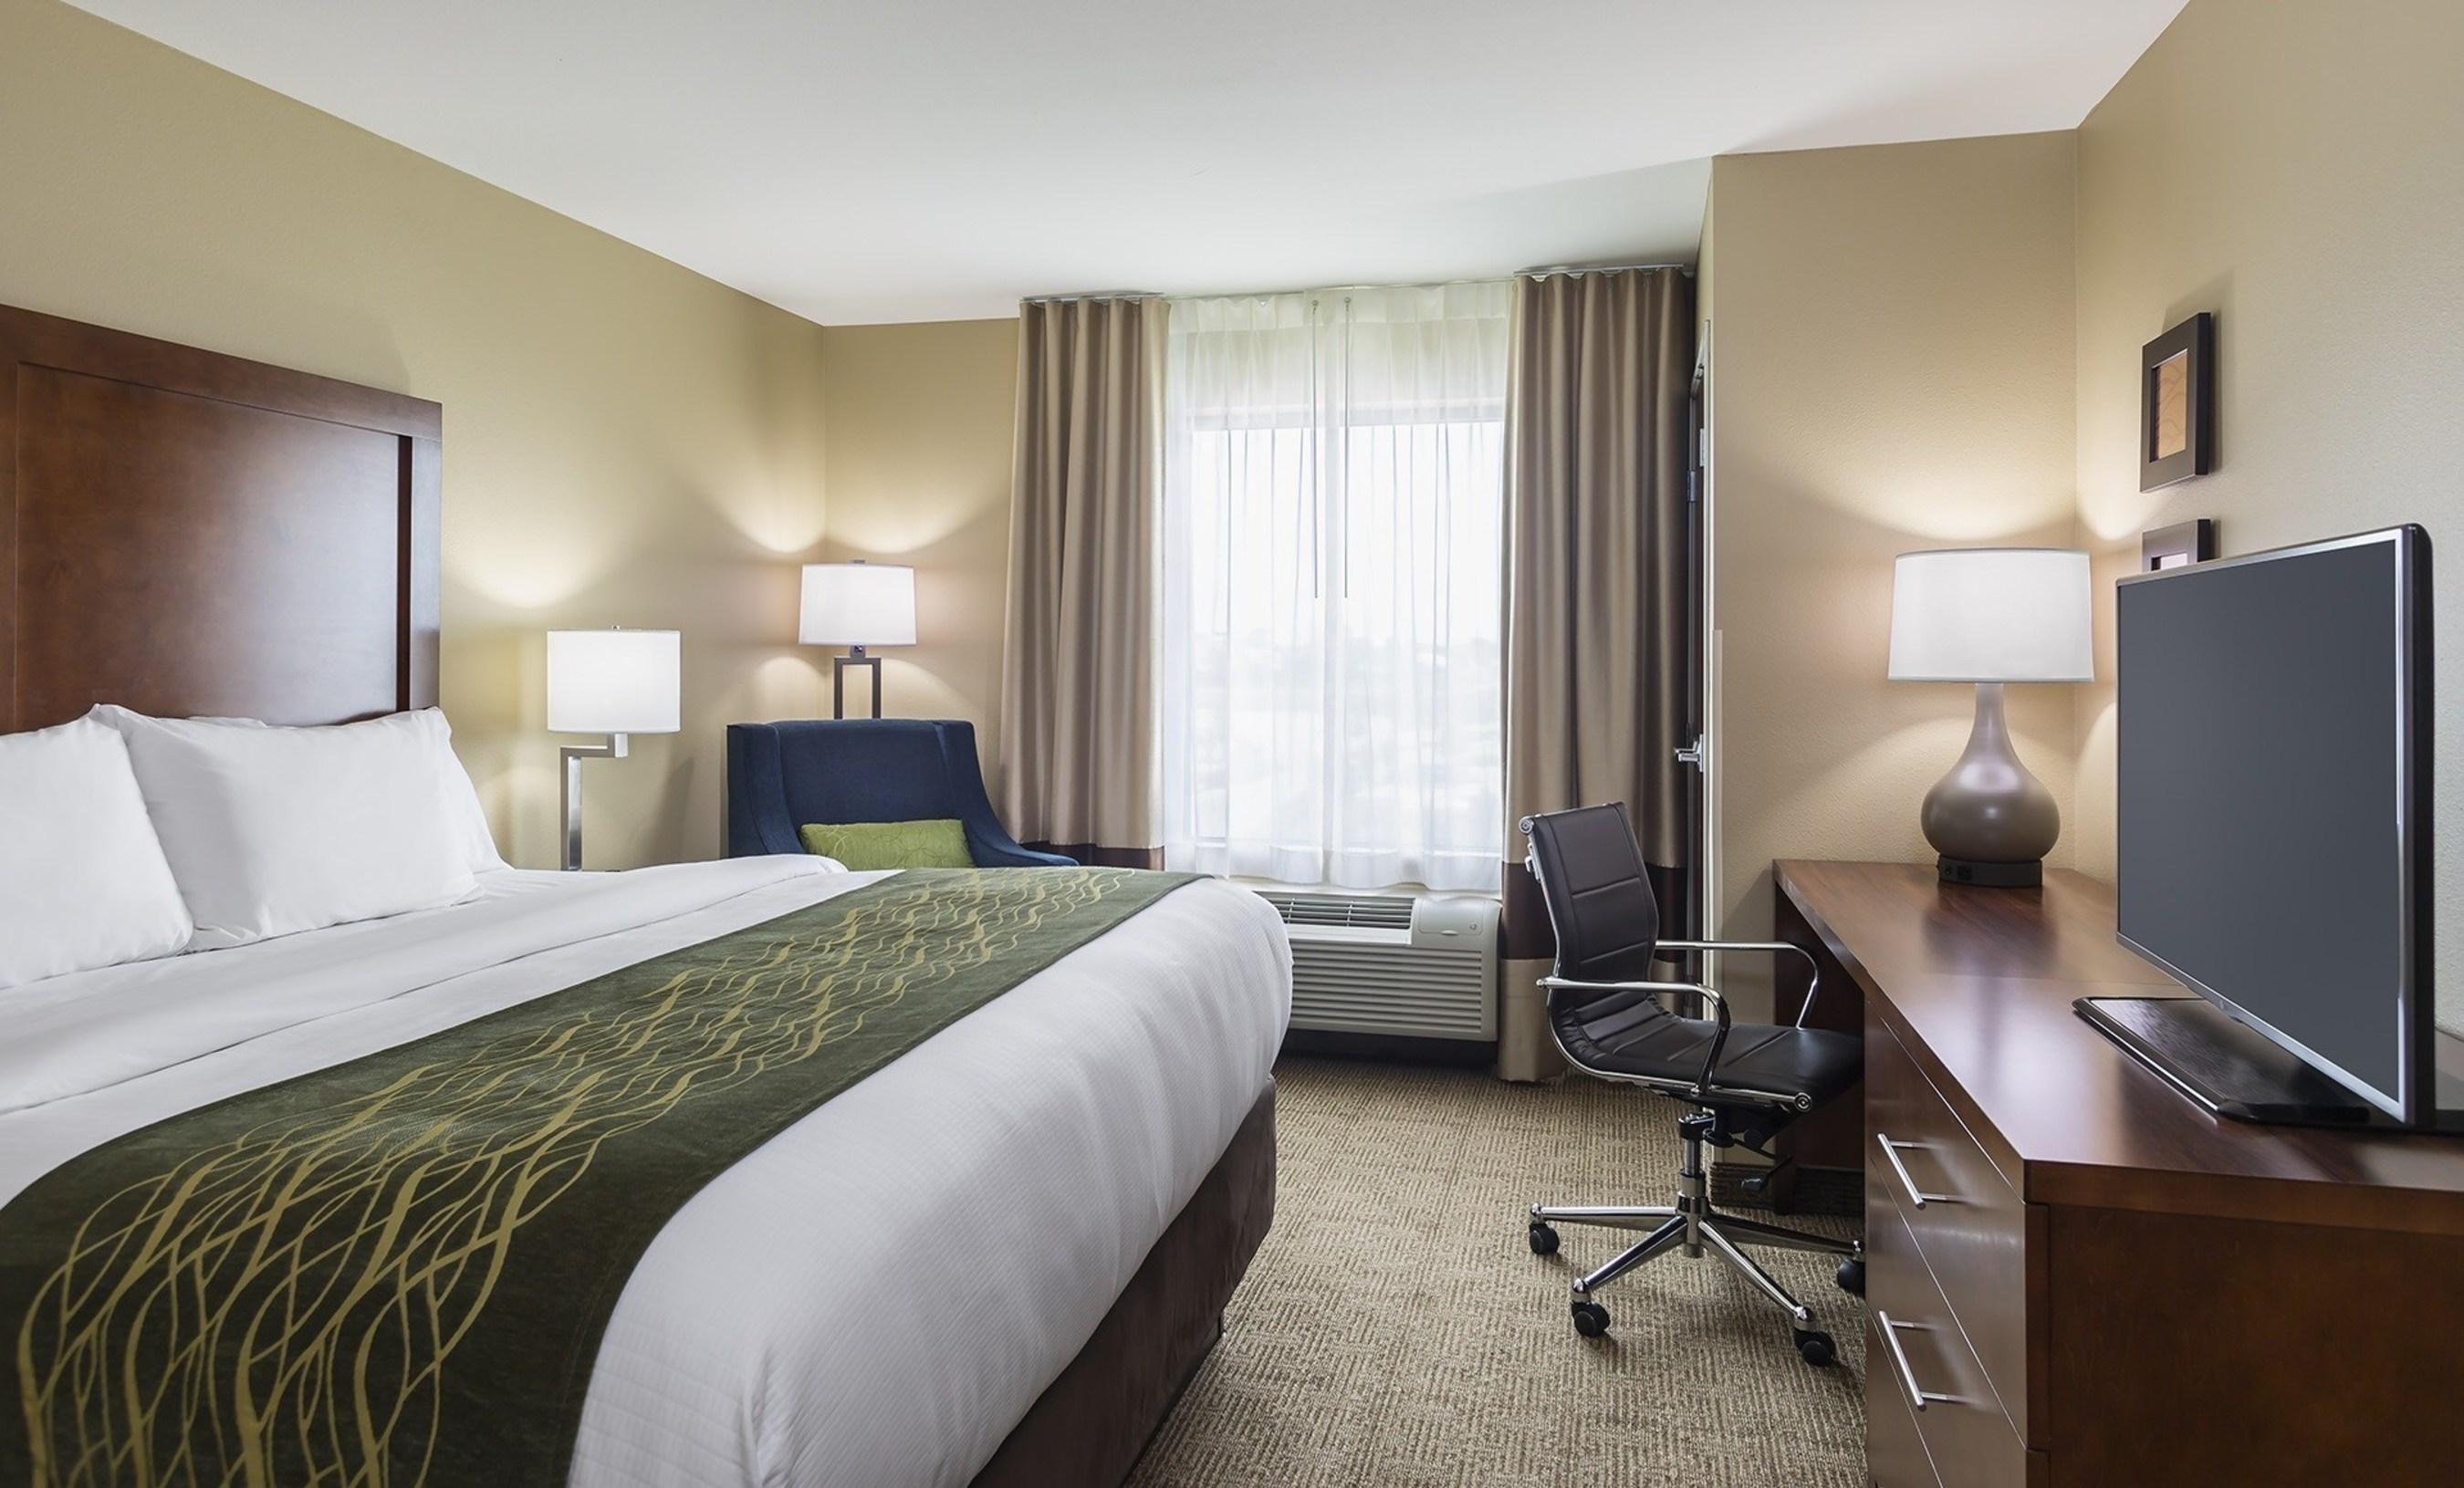 Comfort Inn prototype guest room